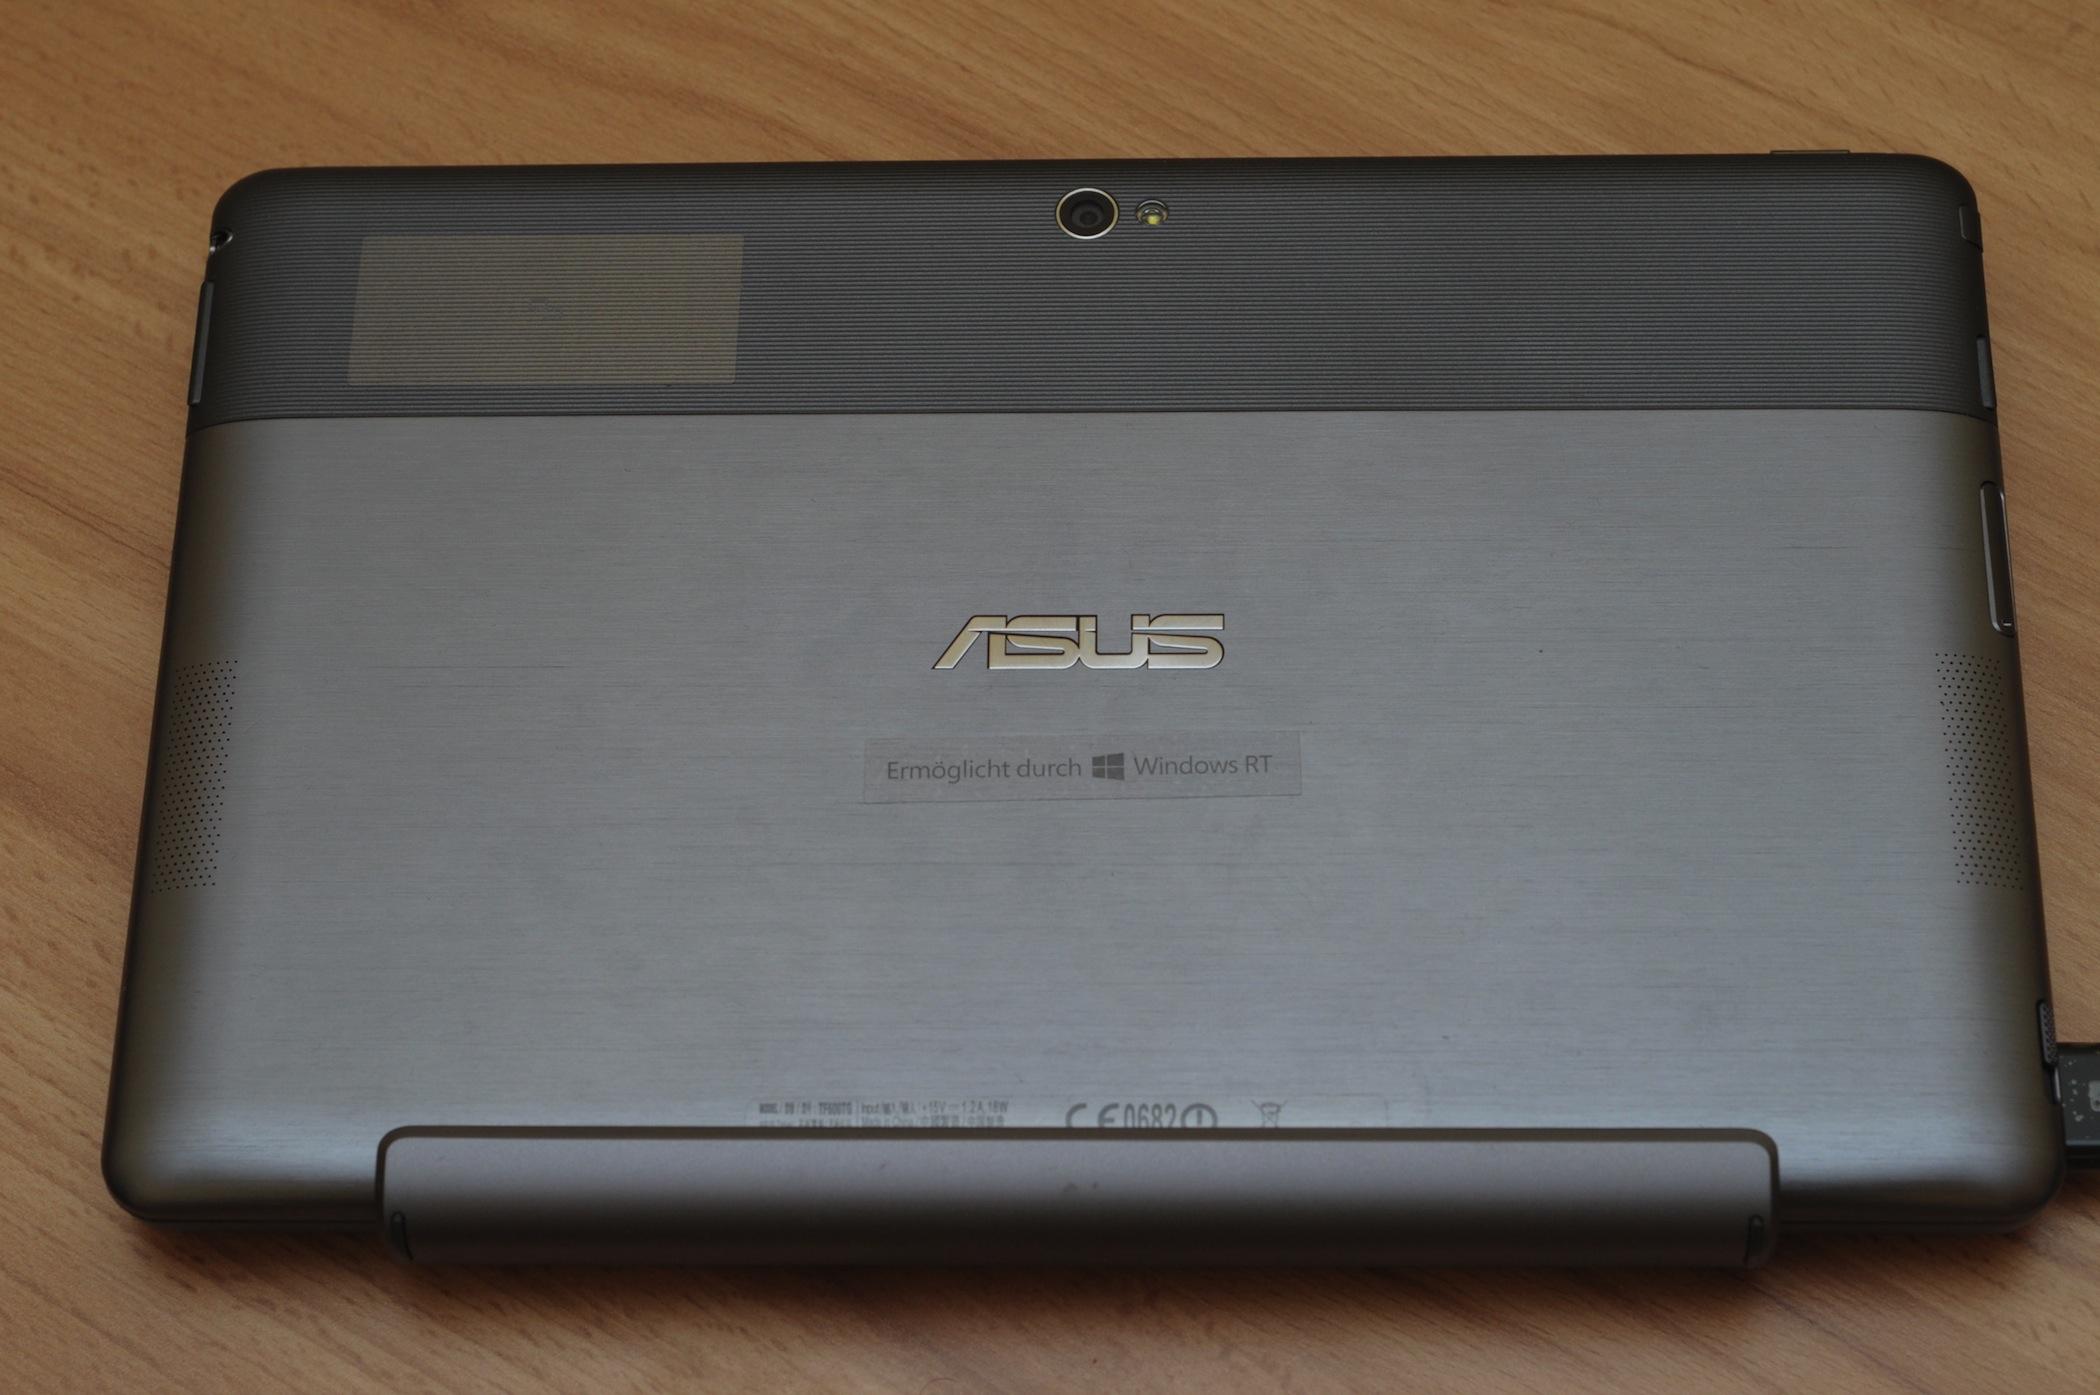 Asus Vivo Tab RT im Test: Gutes ARM-Tablet mit stromsparendem Windows RT - Vivo Tab RT zusammengeklappt im Tastaturdock